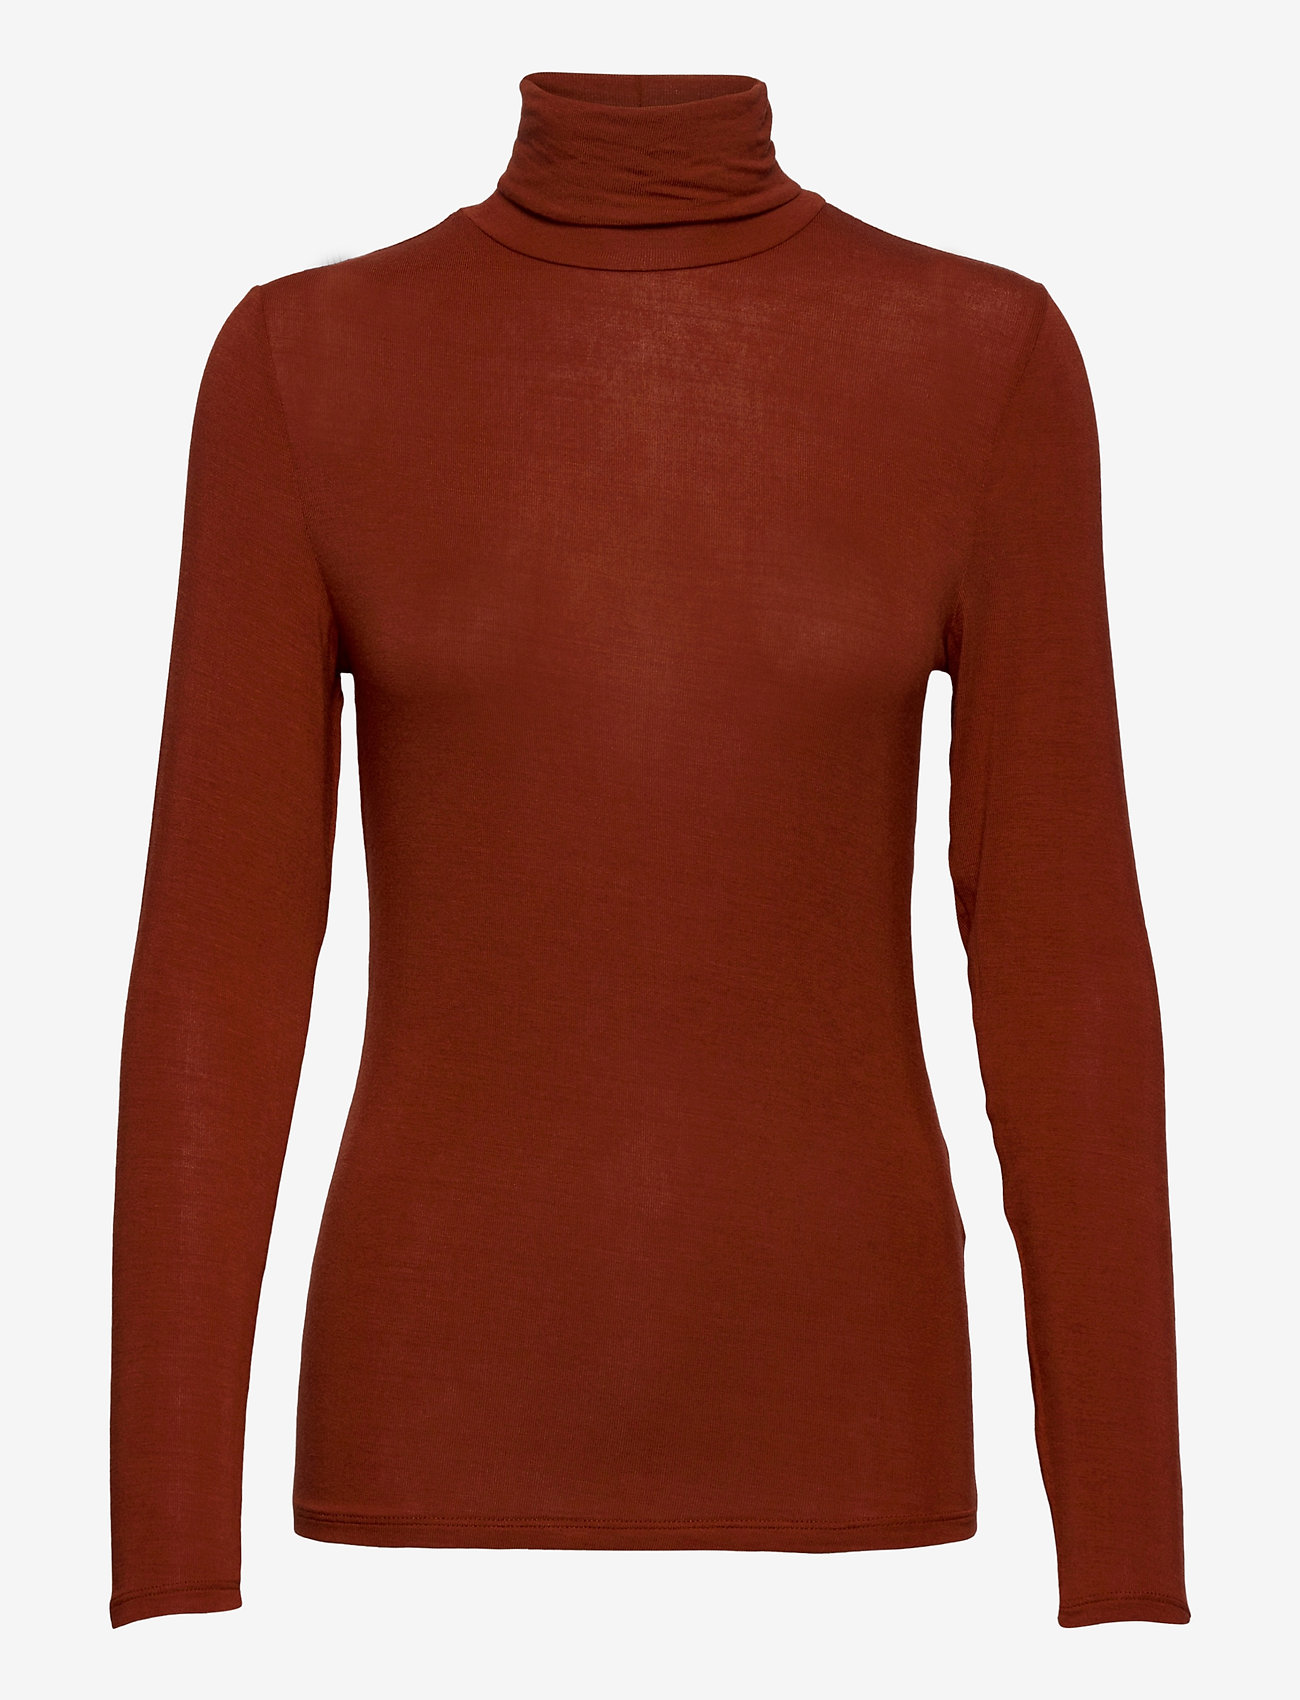 ICHI - IHPHILUCA LS - t-shirt & tops - burnt henna - 0